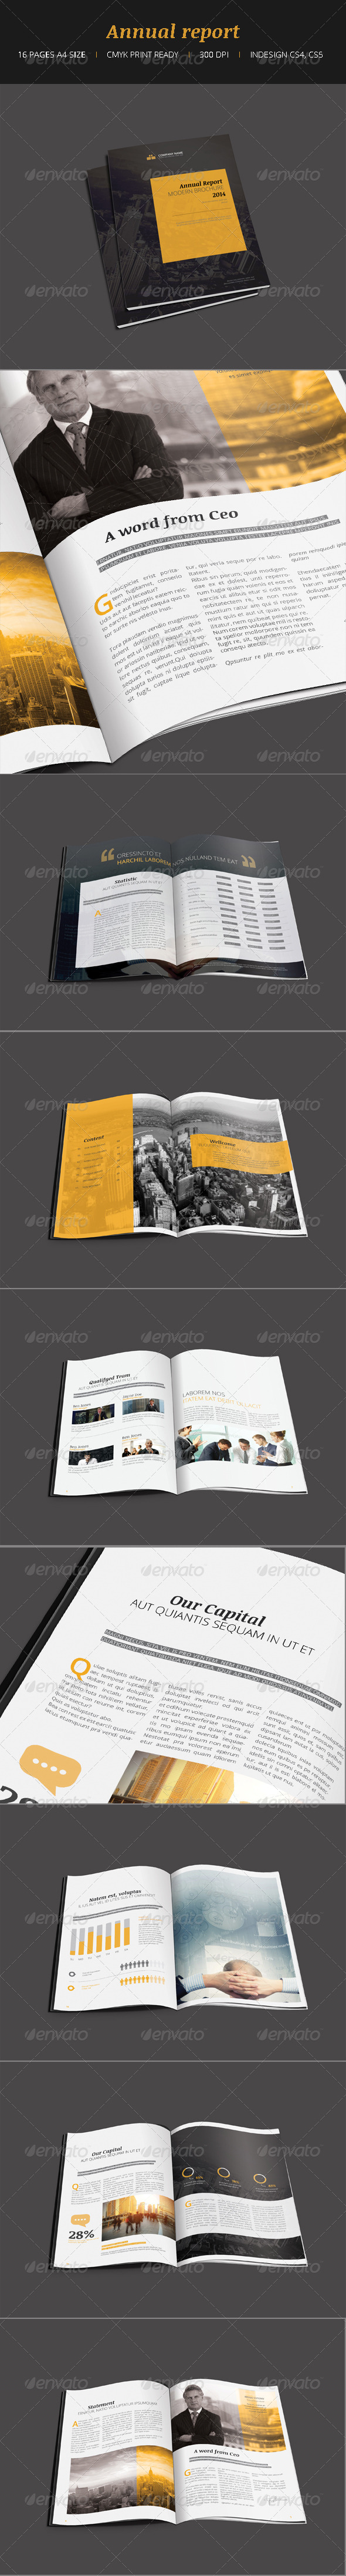 GraphicRiver Annual report II 6578586